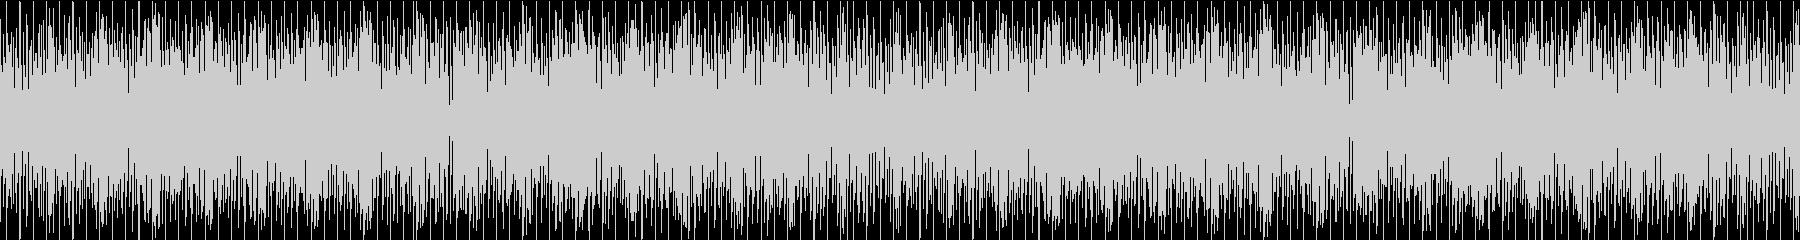 明るく可愛いBGM/オケ/ループ可能の未再生の波形